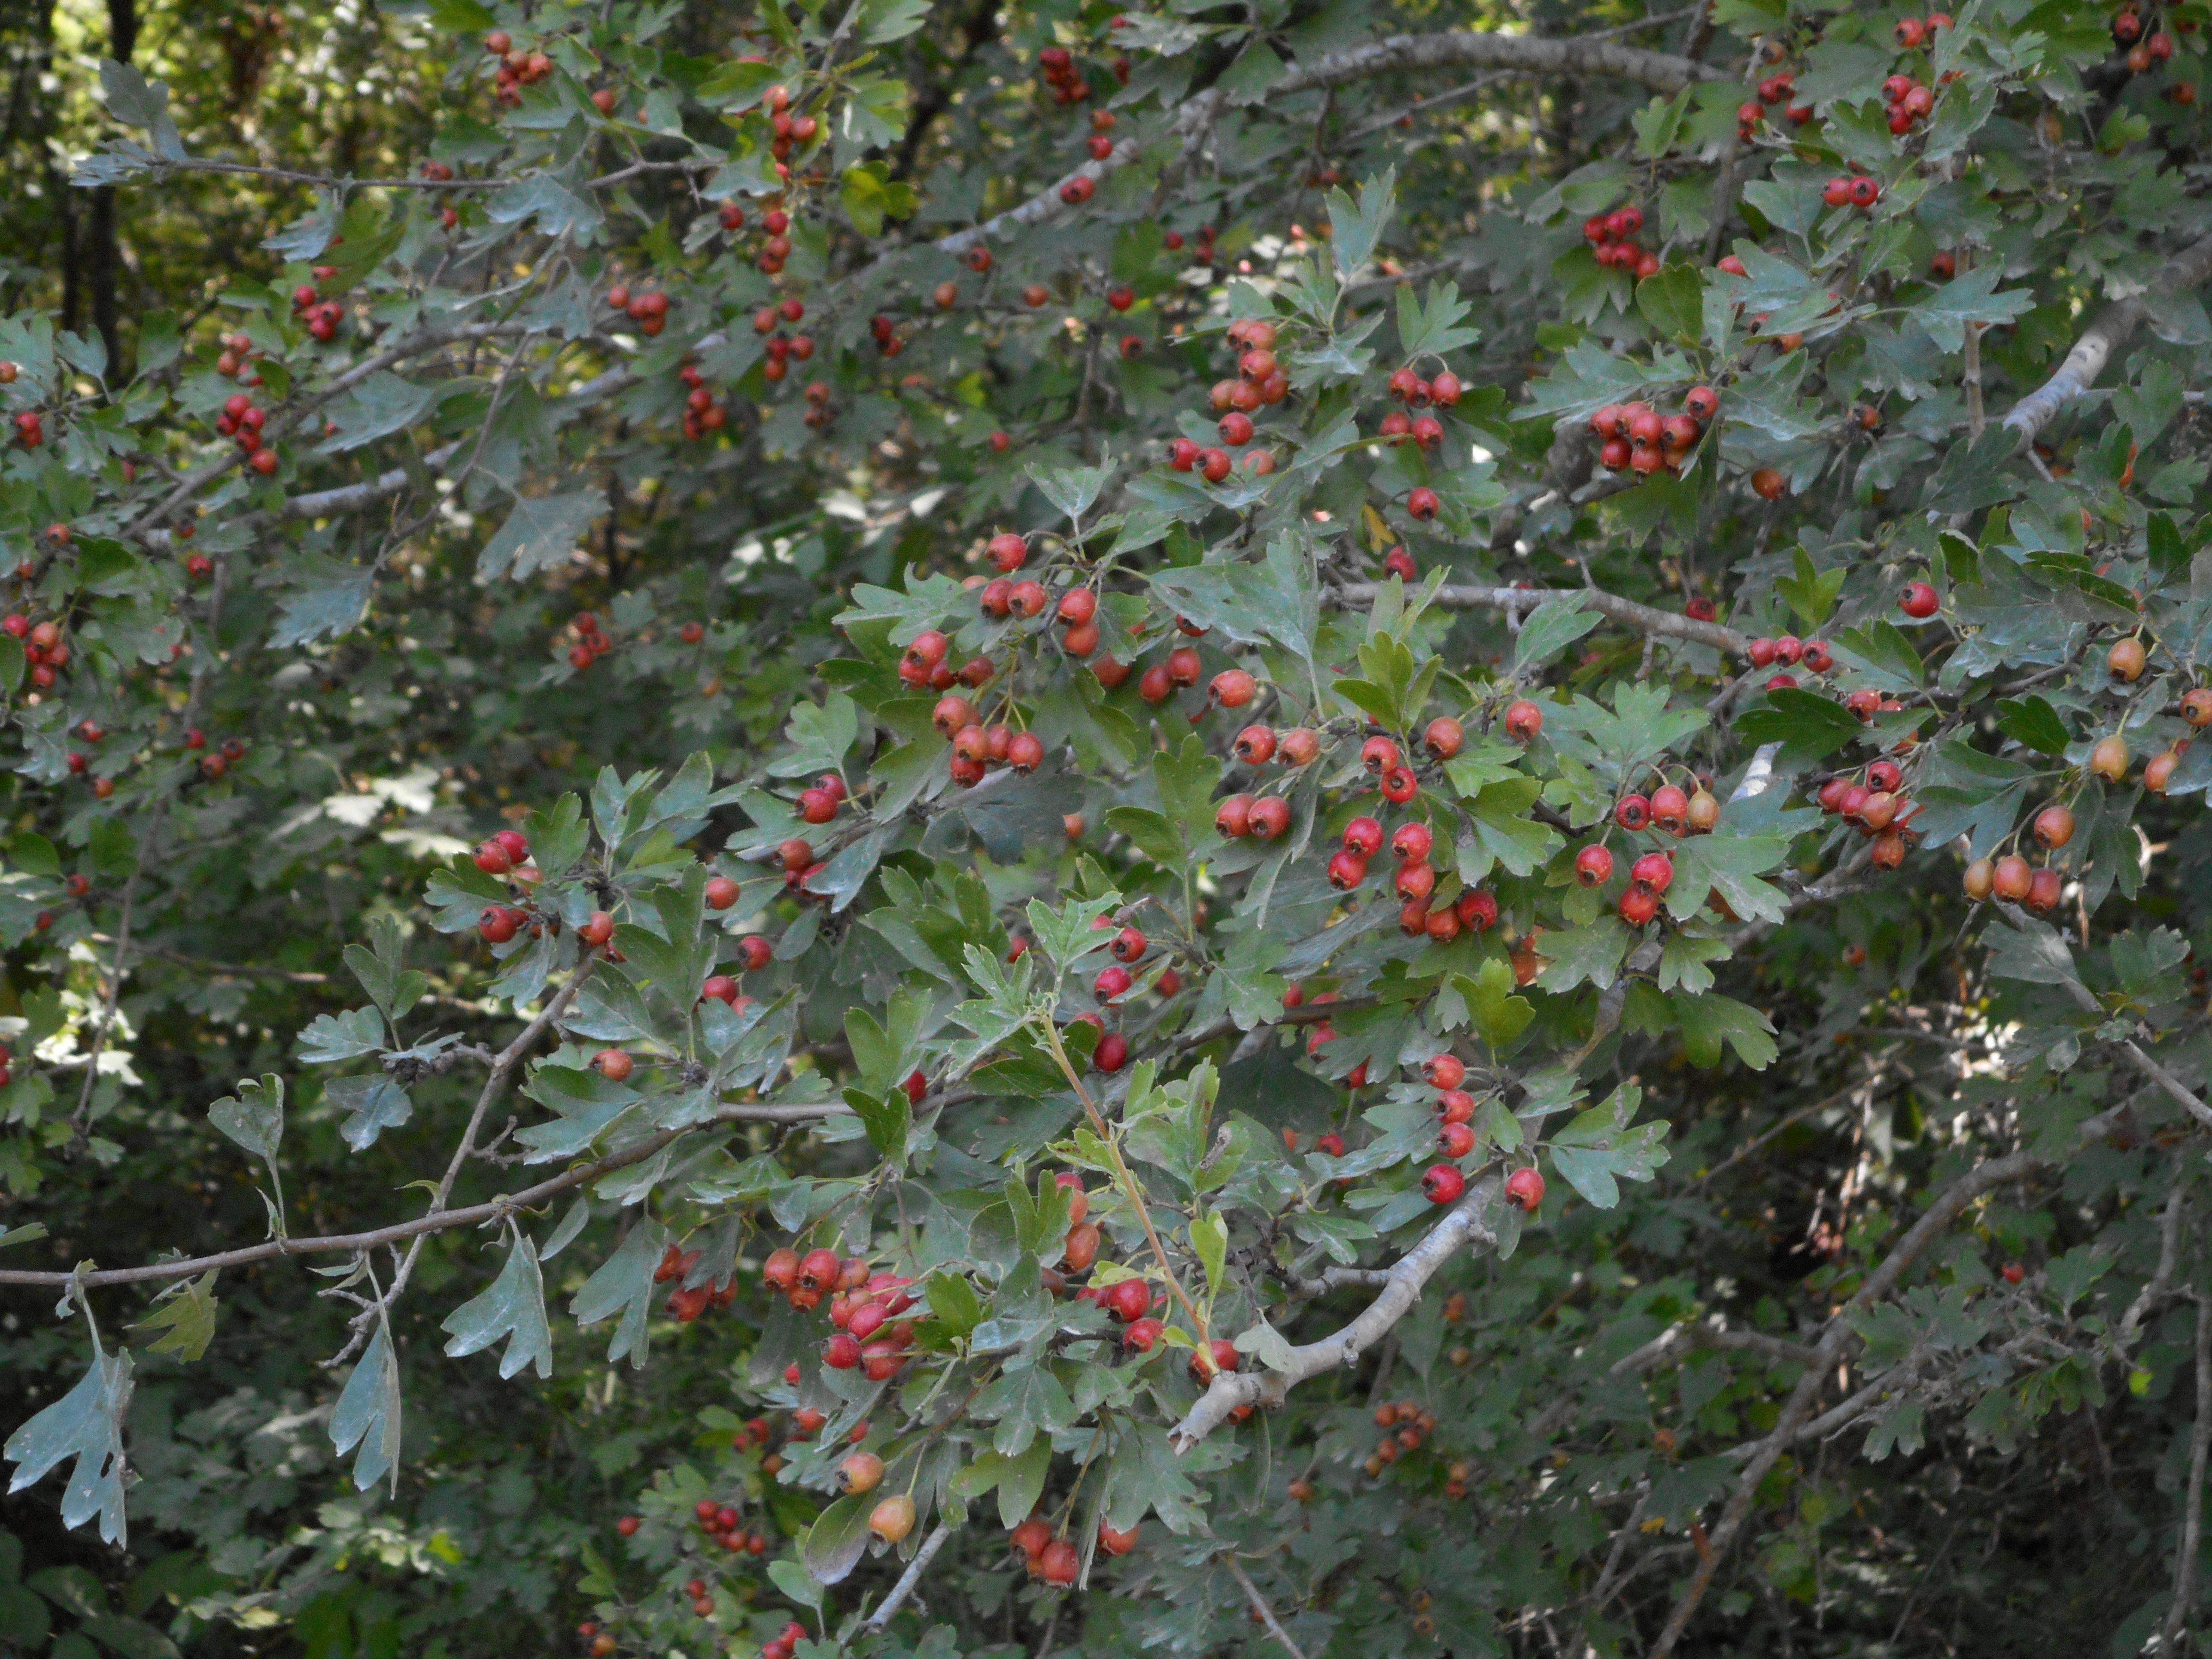 <a href=https://biodiv-montech.fr/observation/aubepine-monogyne/>Aubépine monogyne (Crataegus monogyna)</a><br>Espèce : Aubépine ou Epine blanche<br>Observé à Forêt d'Agre Montech le midi du 12 / 08 / 2016<br>